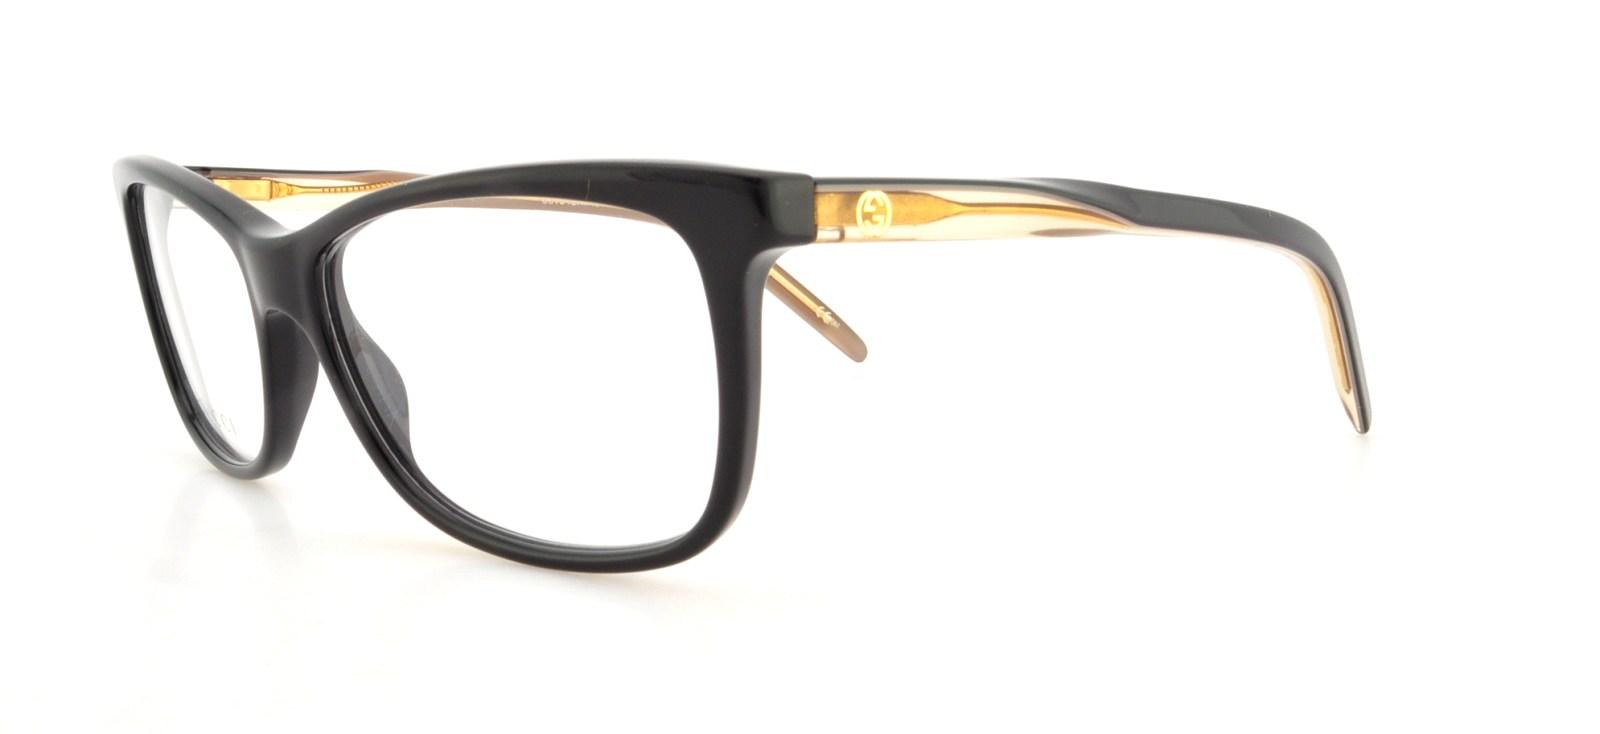 Designer Frames Outlet. Gucci 3643